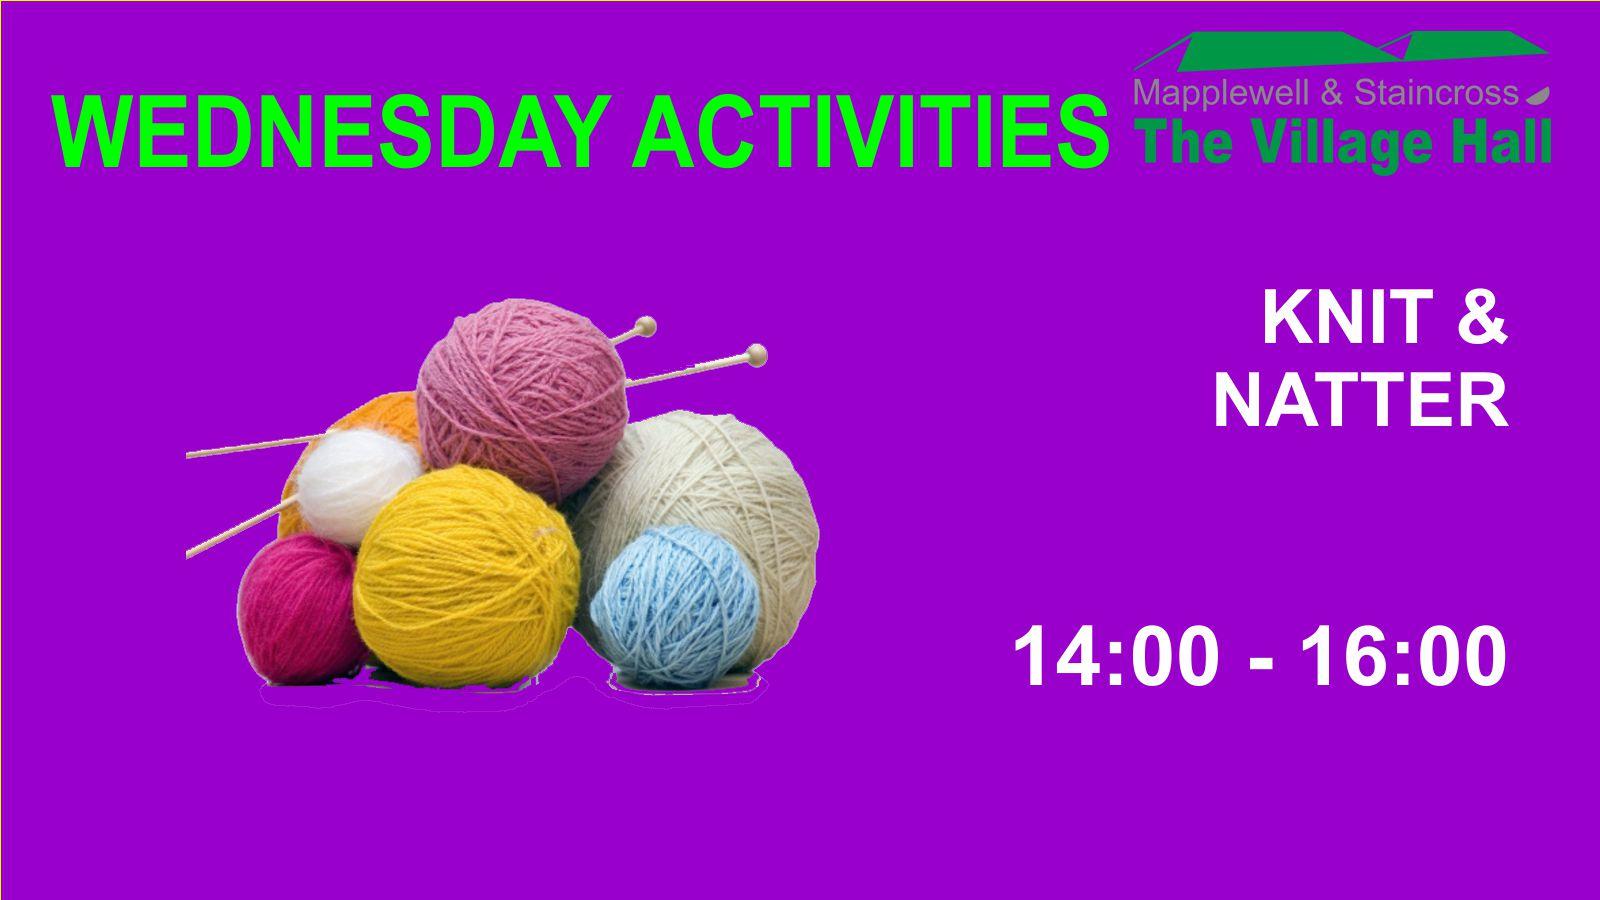 (C) Nick Hibberd - Knit & Natter